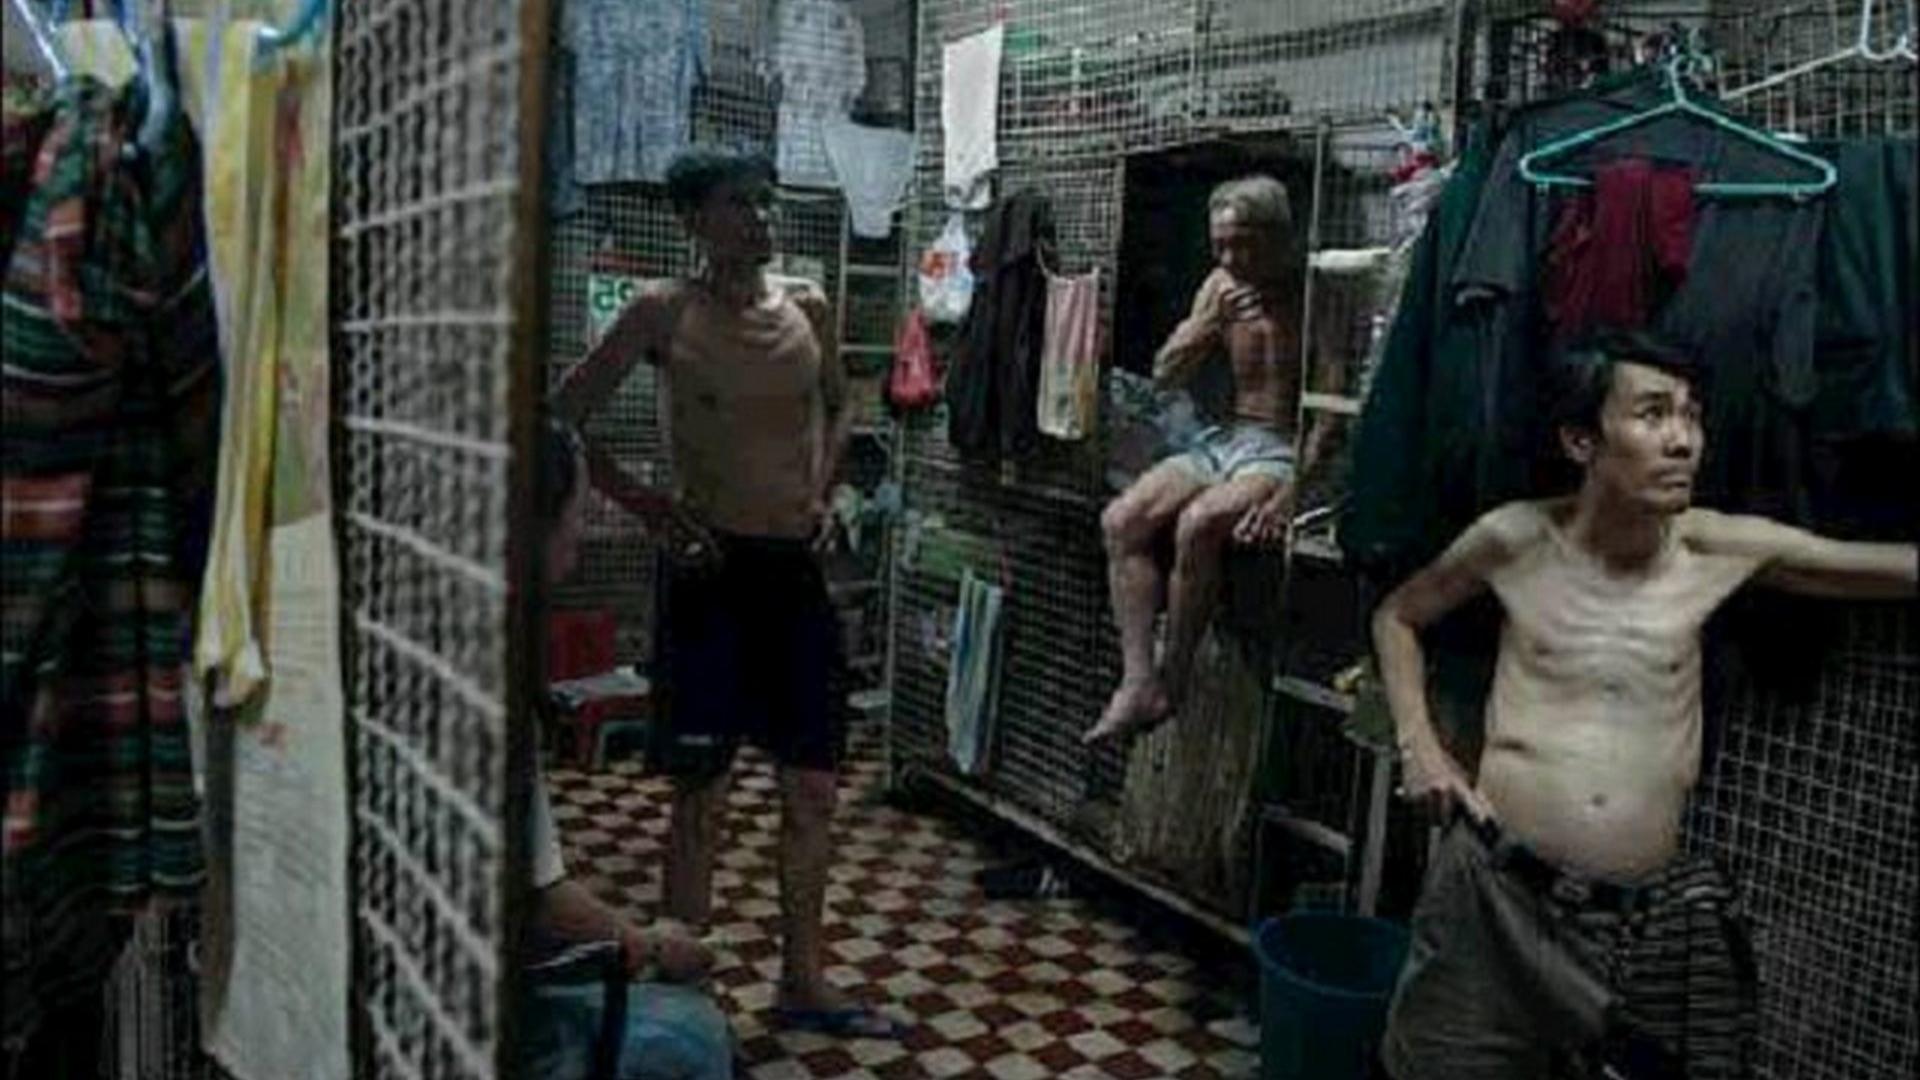 【阿斗】被遗忘的经典电影!被称作香港影史十佳,香港底层人民笼子里的辛酸生活《笼民》